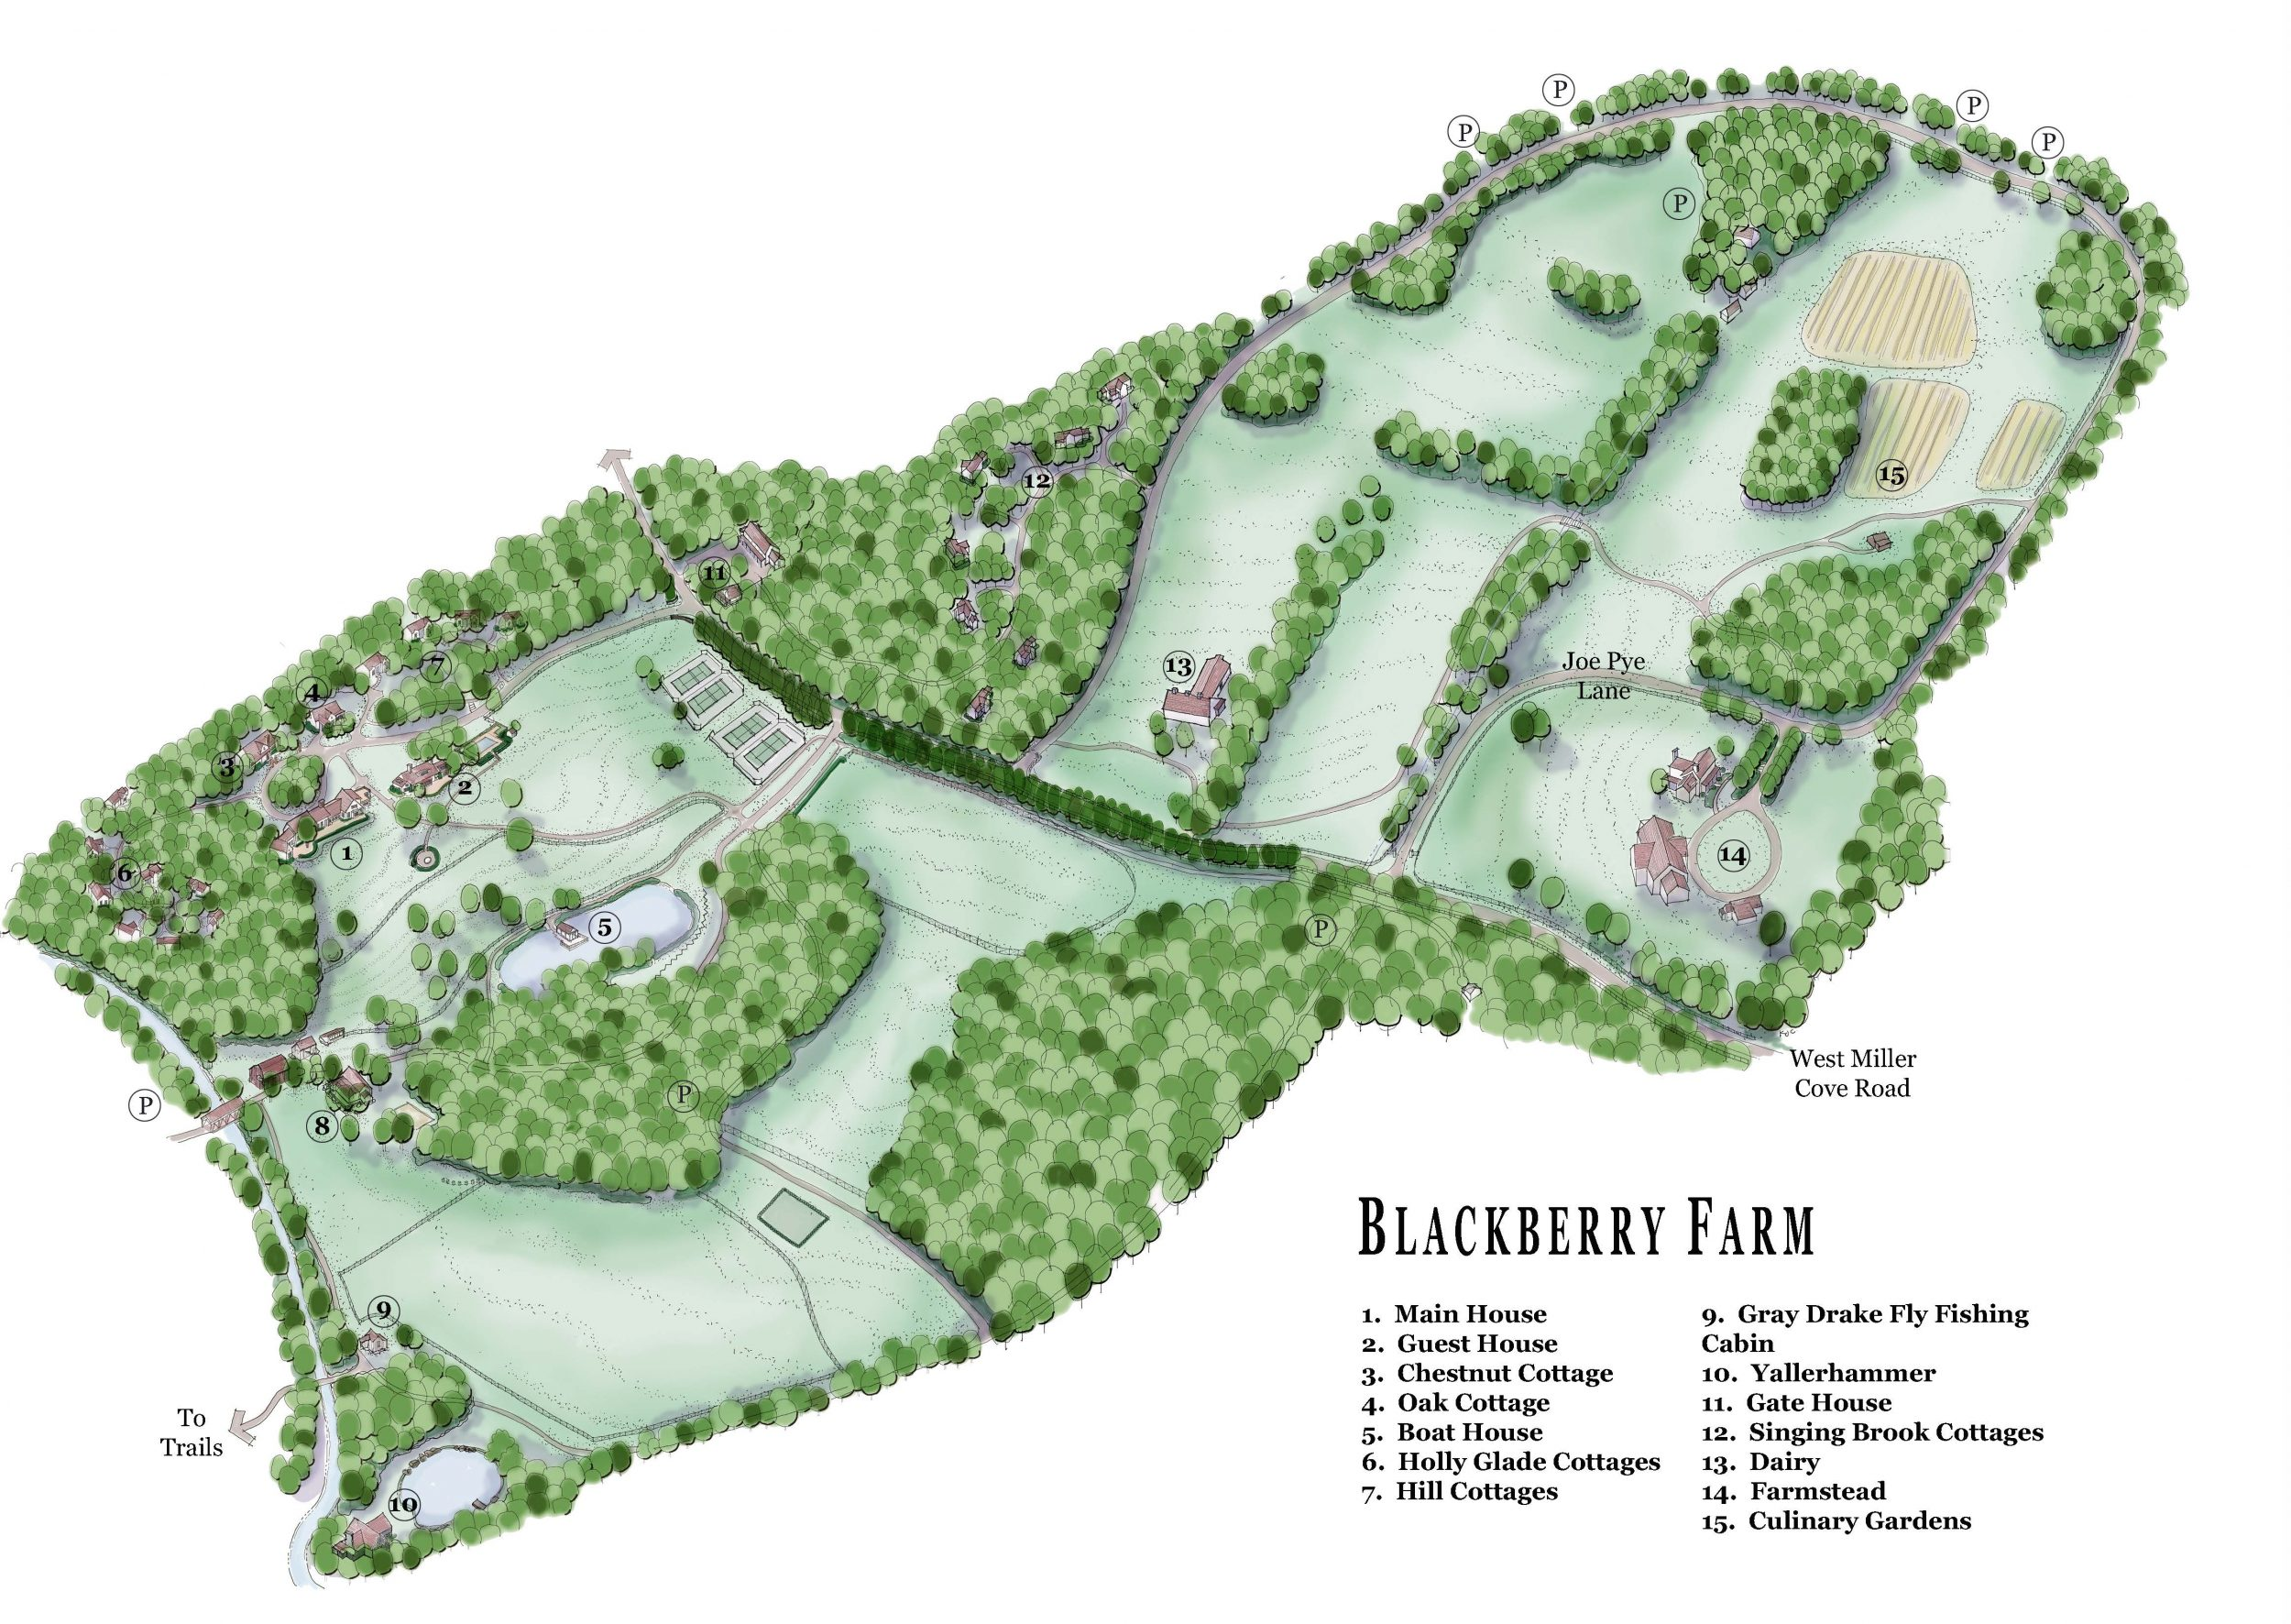 Blackberry Final-FEBRUARY 2007